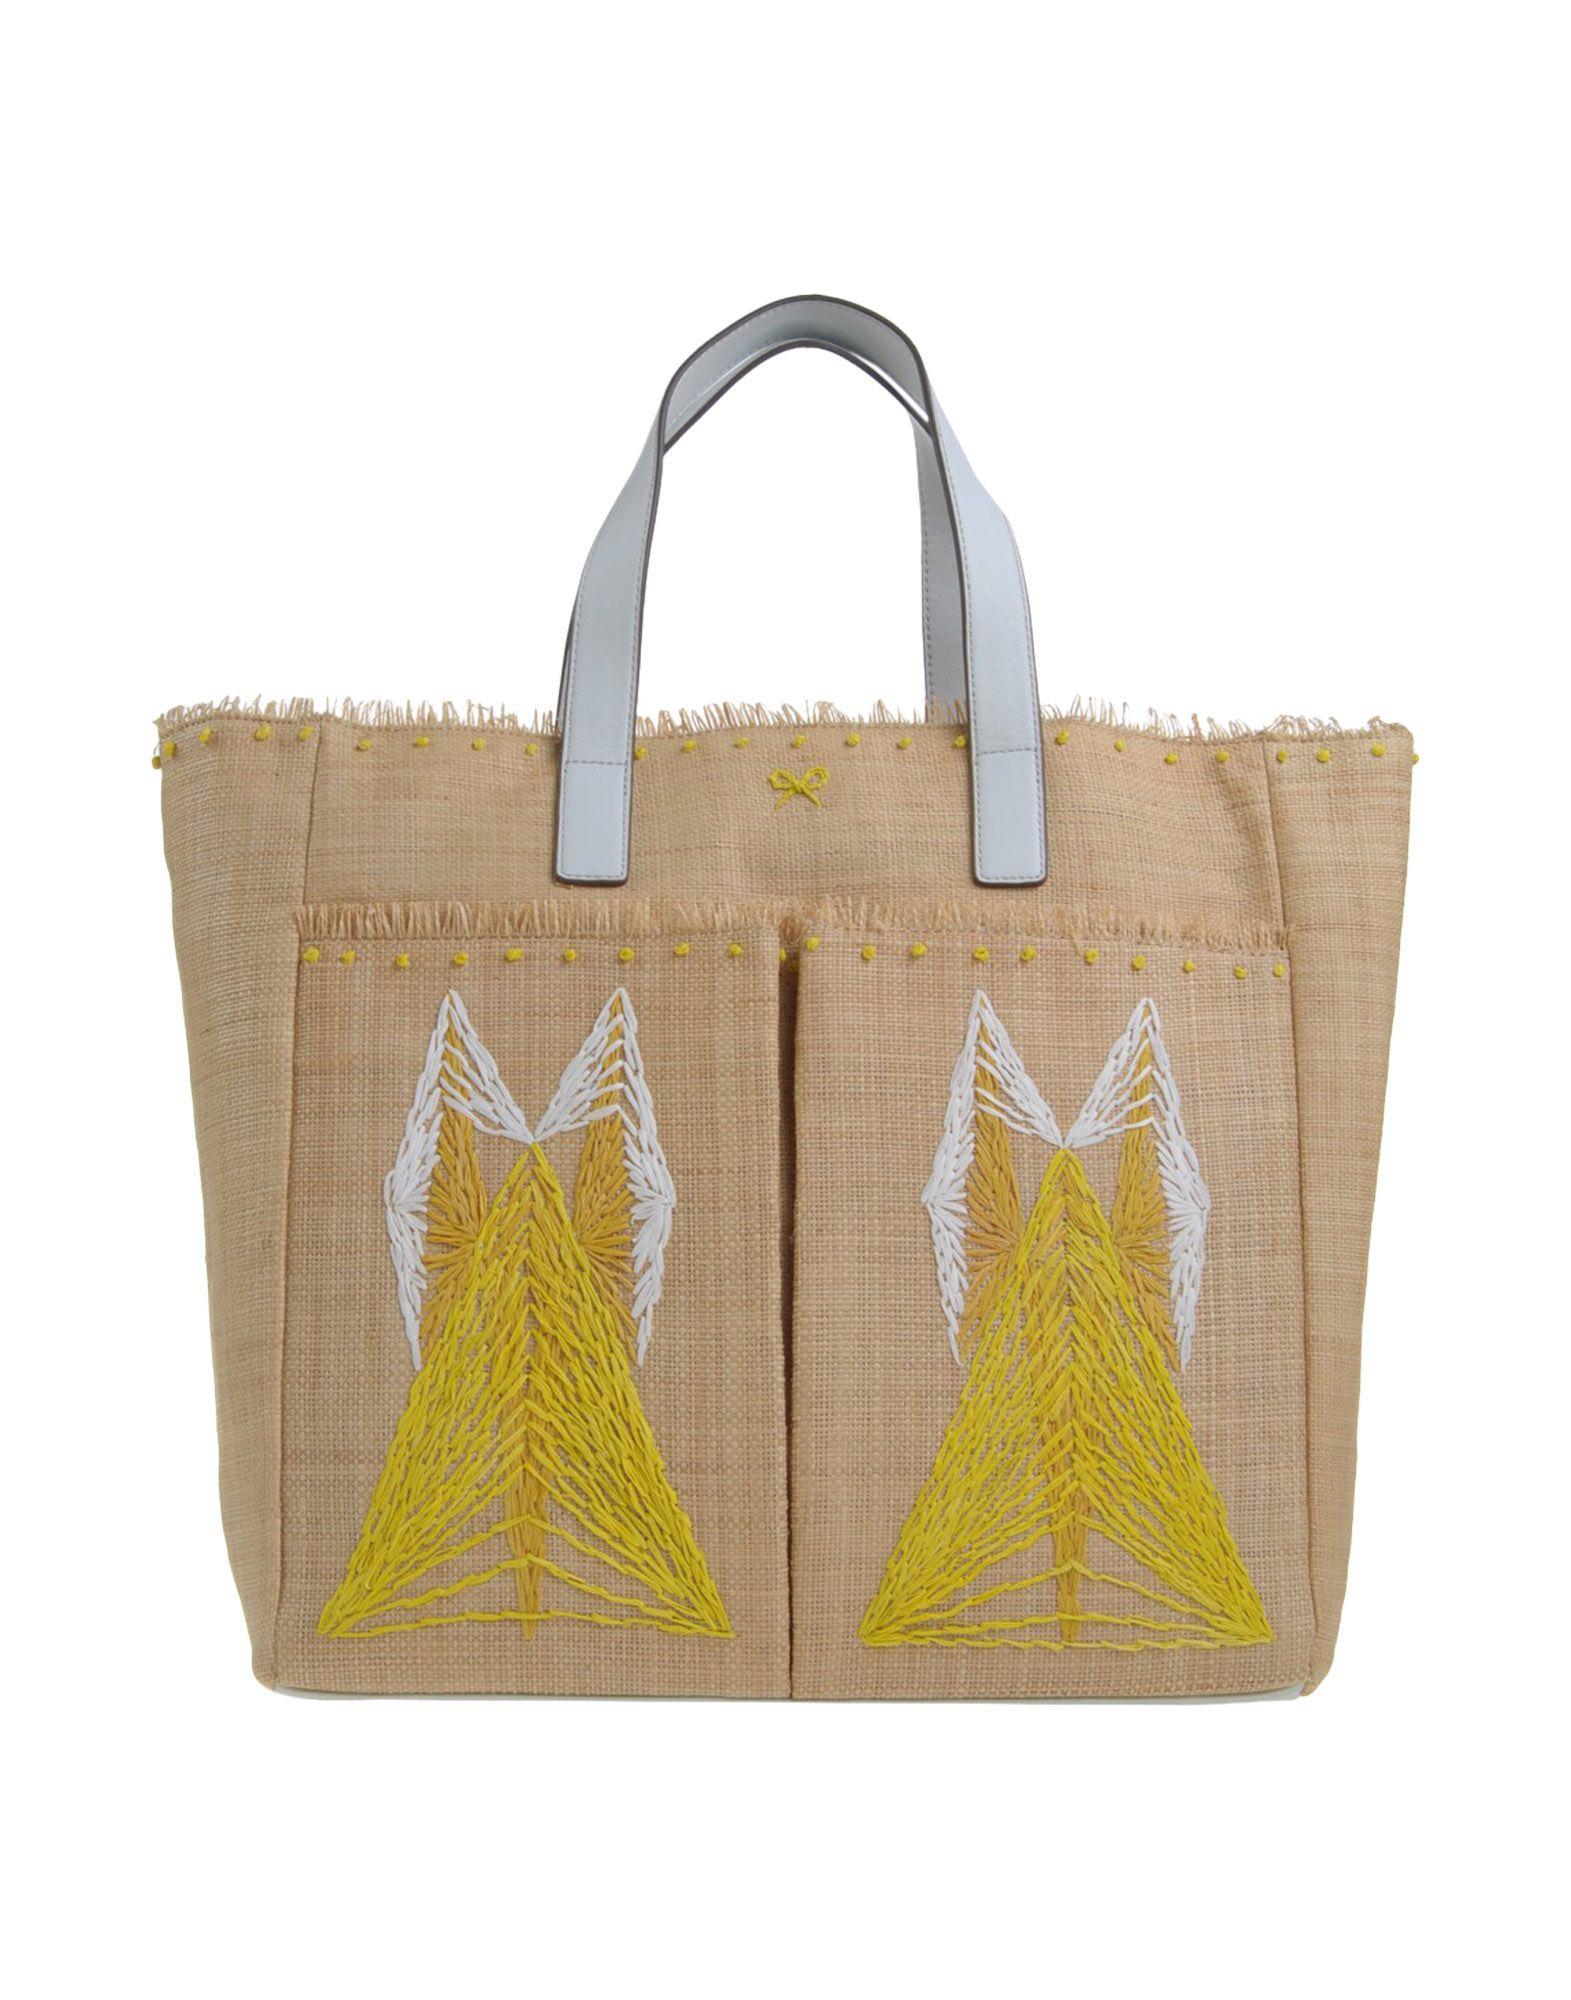 Anya hindmarch Handbag in Yellow